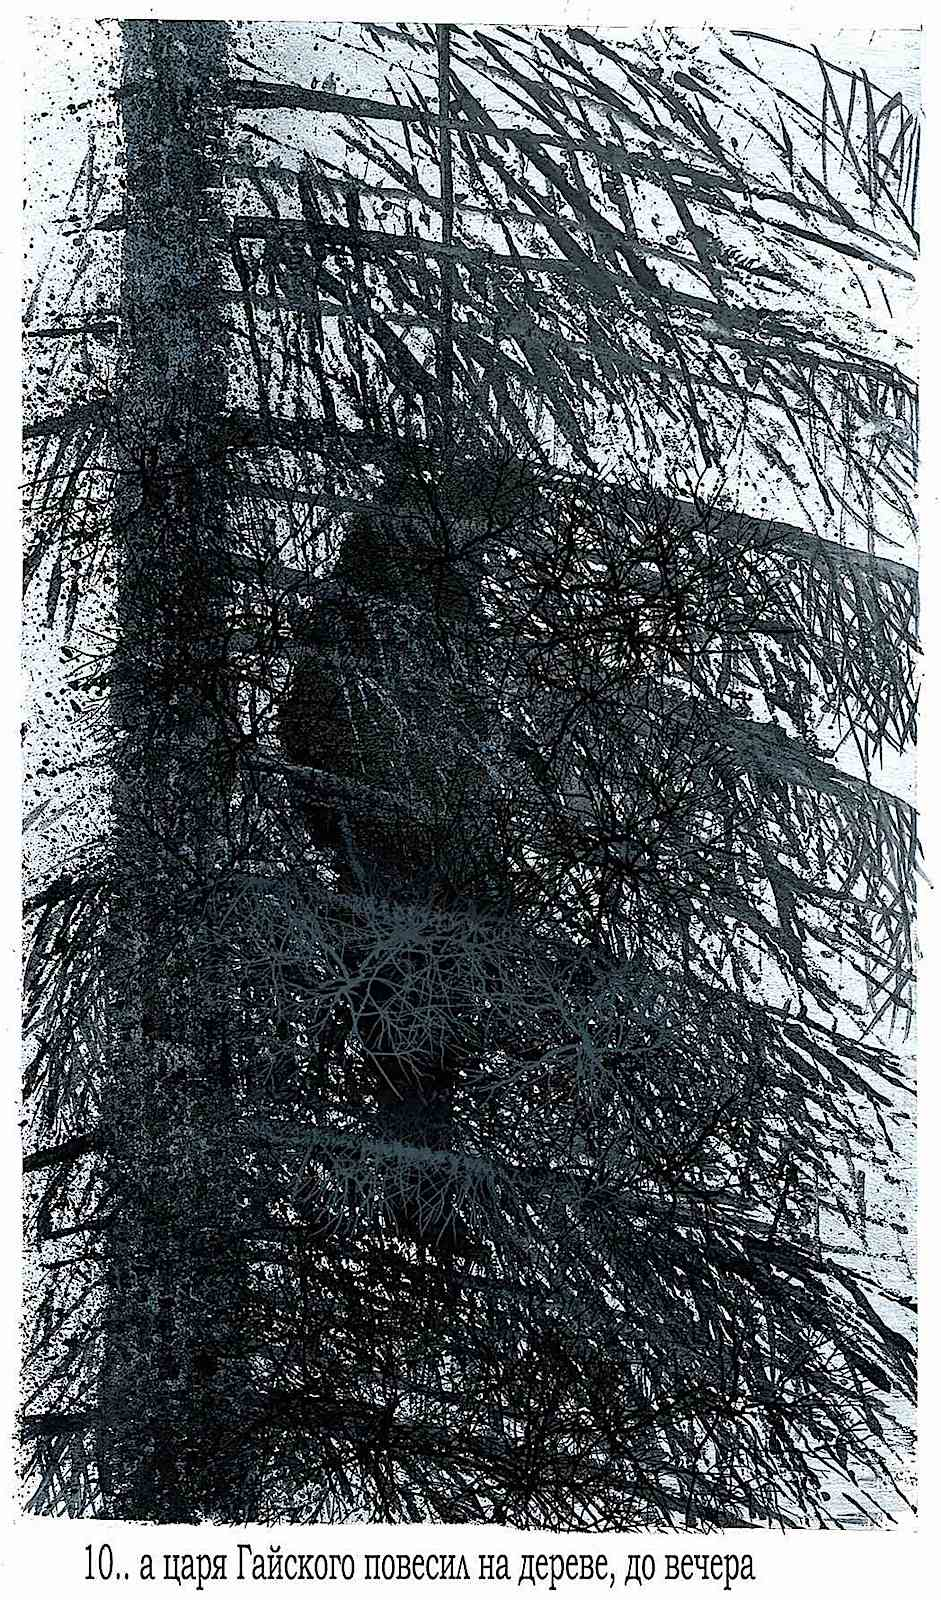 an Igor Oleynikov illustration of a hanged man in a pine tree